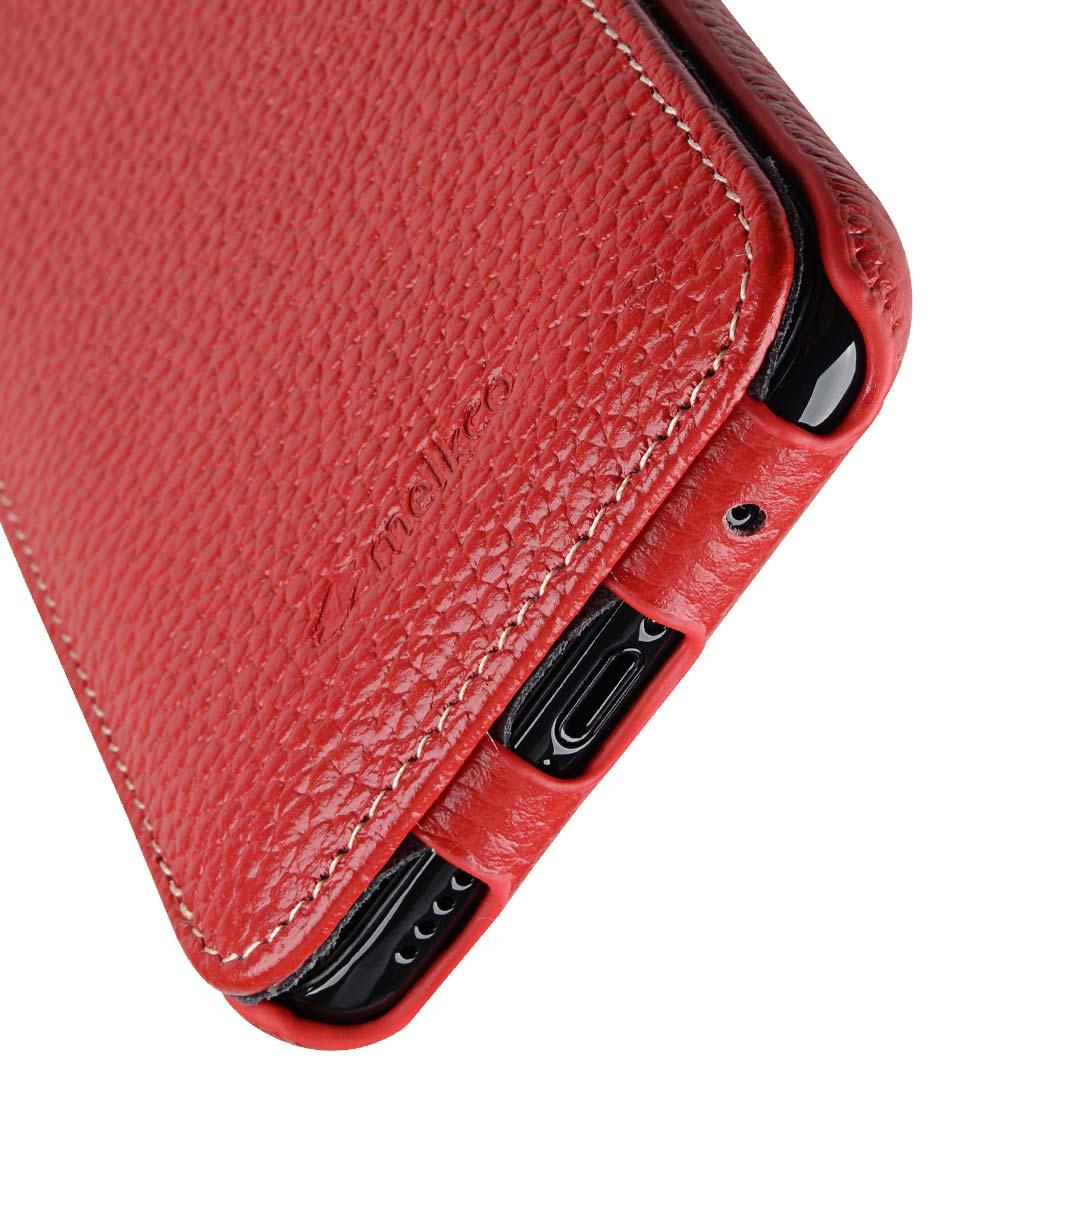 Melkco iPhone X  (2017) レザーケース 本革 プレミアム レザー ハンドメイド フリップタイプ (縦開き) 薄型 軽量【 レッド LC 】